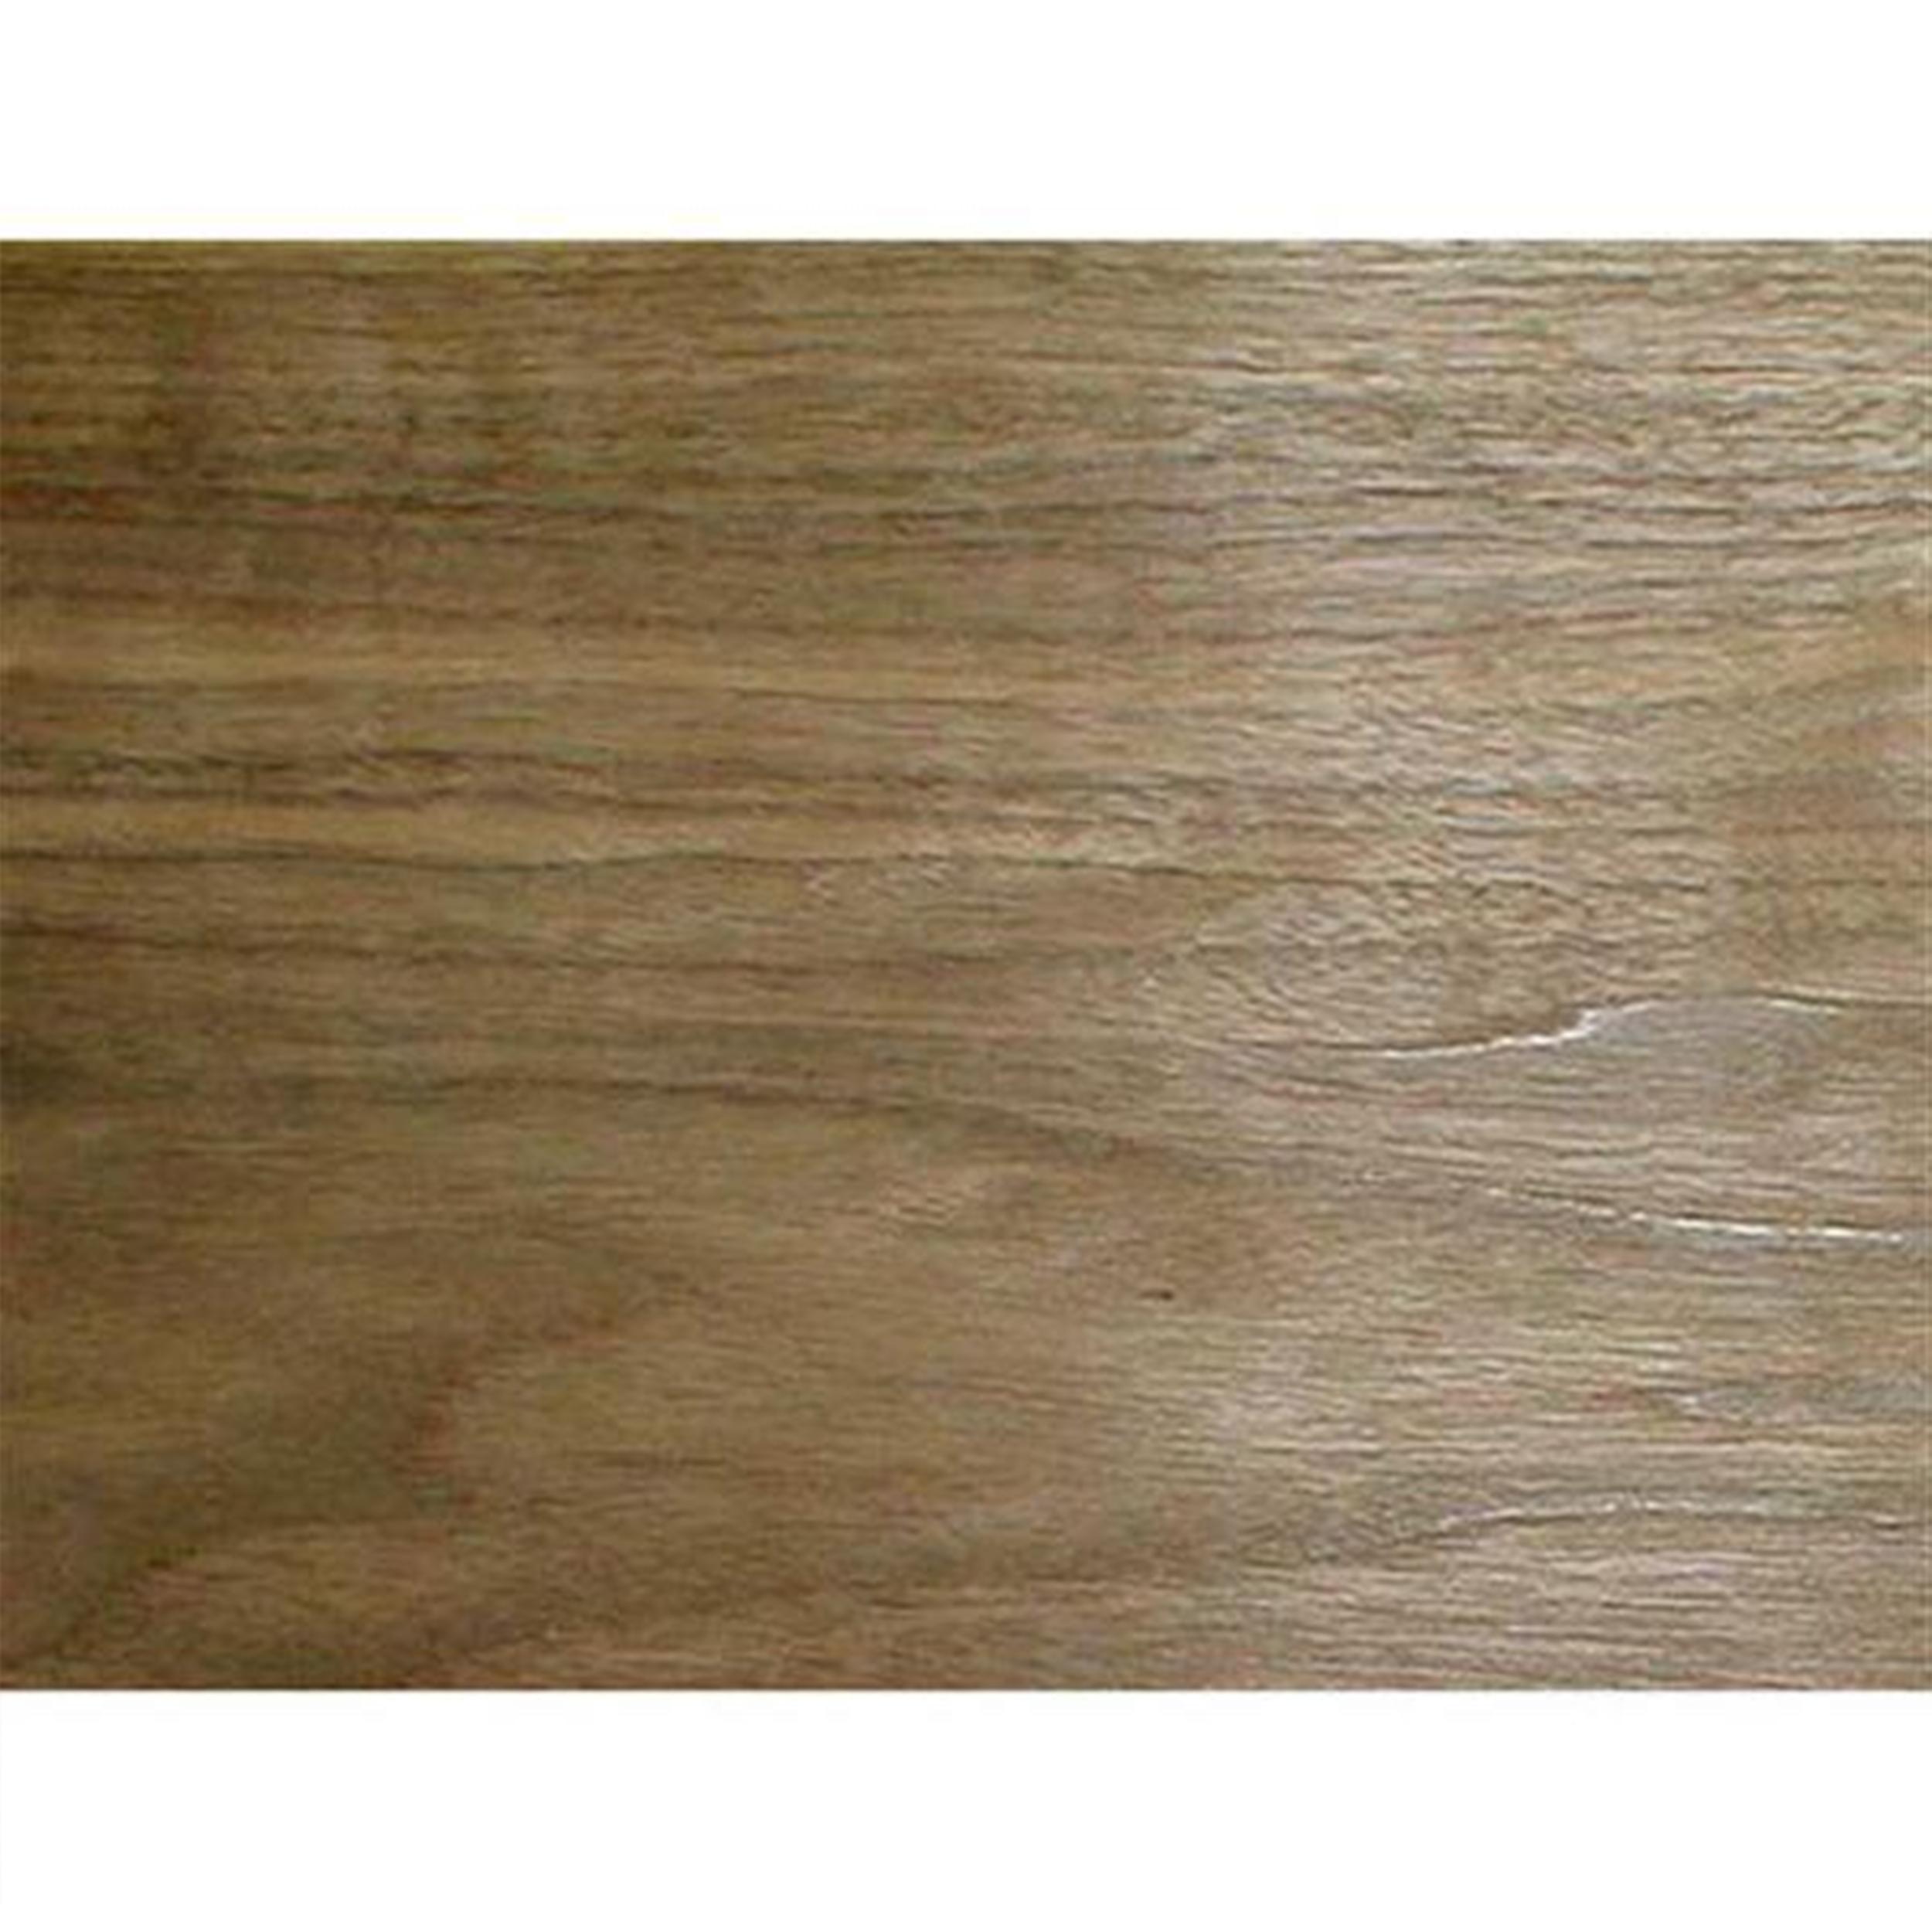 Walnut 2' x 8' 10mil Paperbacked Wood Veneer